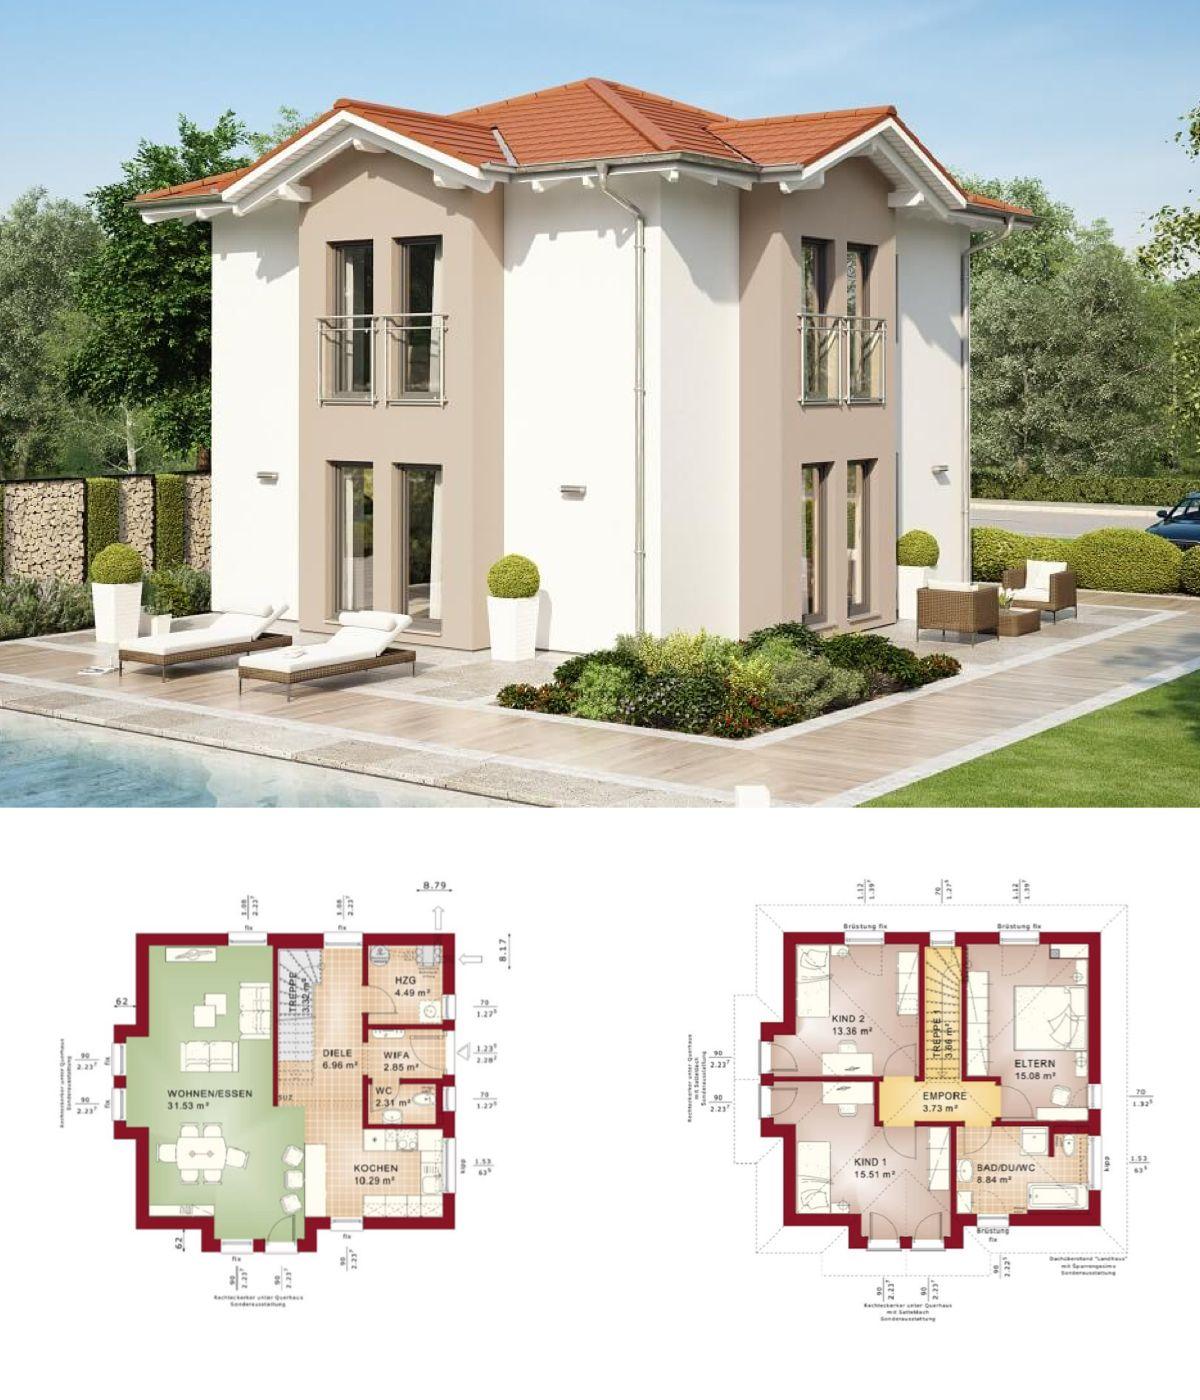 fertighaus evolution 116 v5 bien zenker modernes einfamilienhaus mit walmdach grundriss haus ideen - Fertighausplne